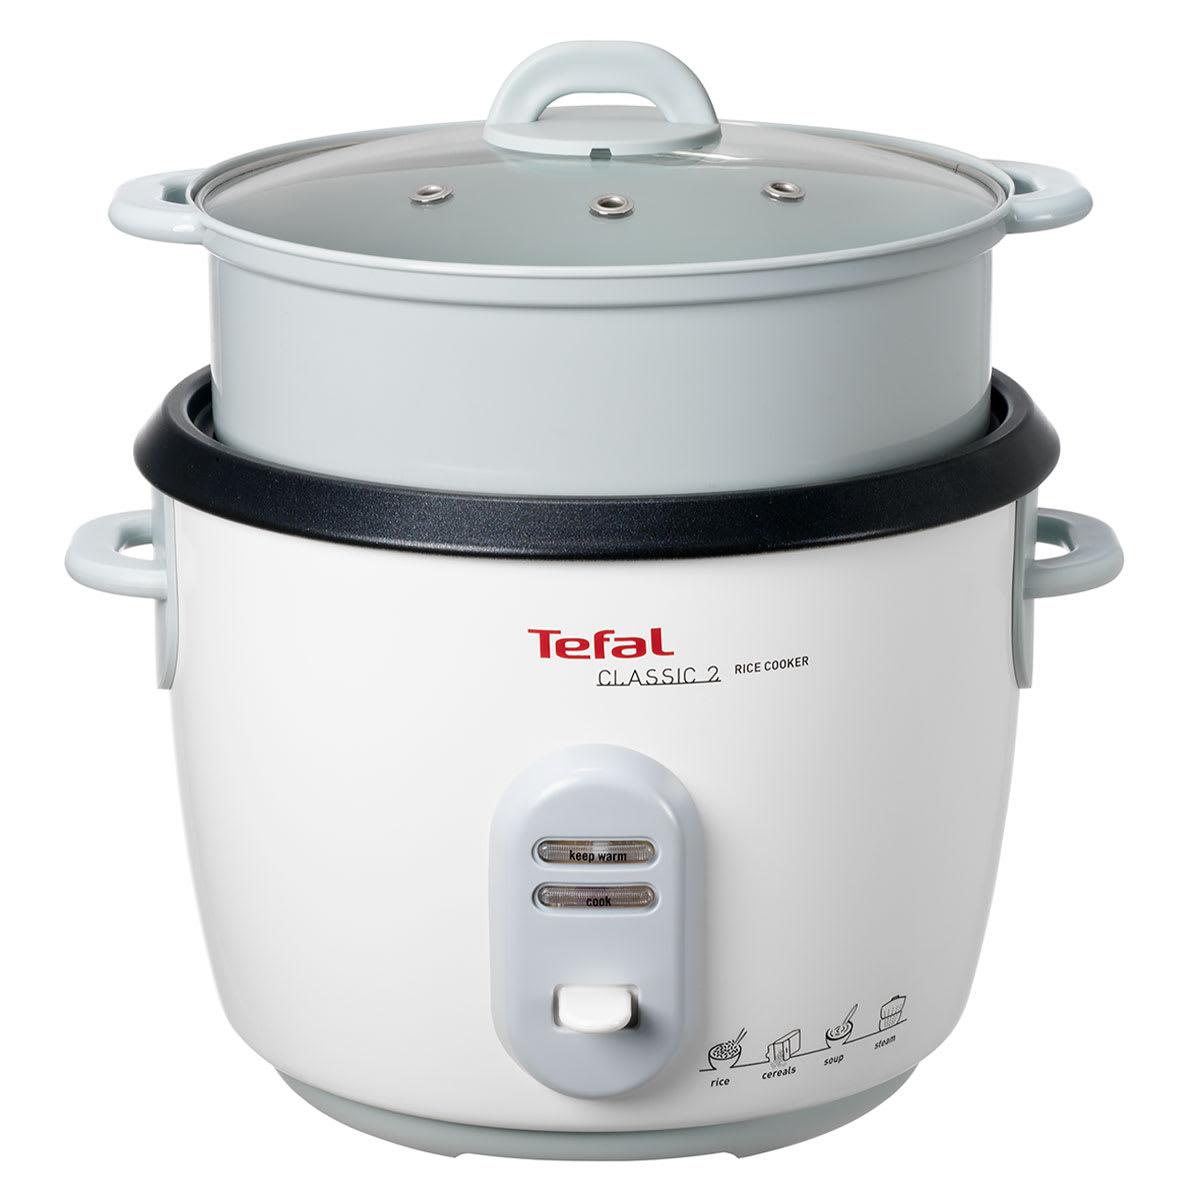 1,8 liter - Med hold-varm funktion, når dine ris er kogt